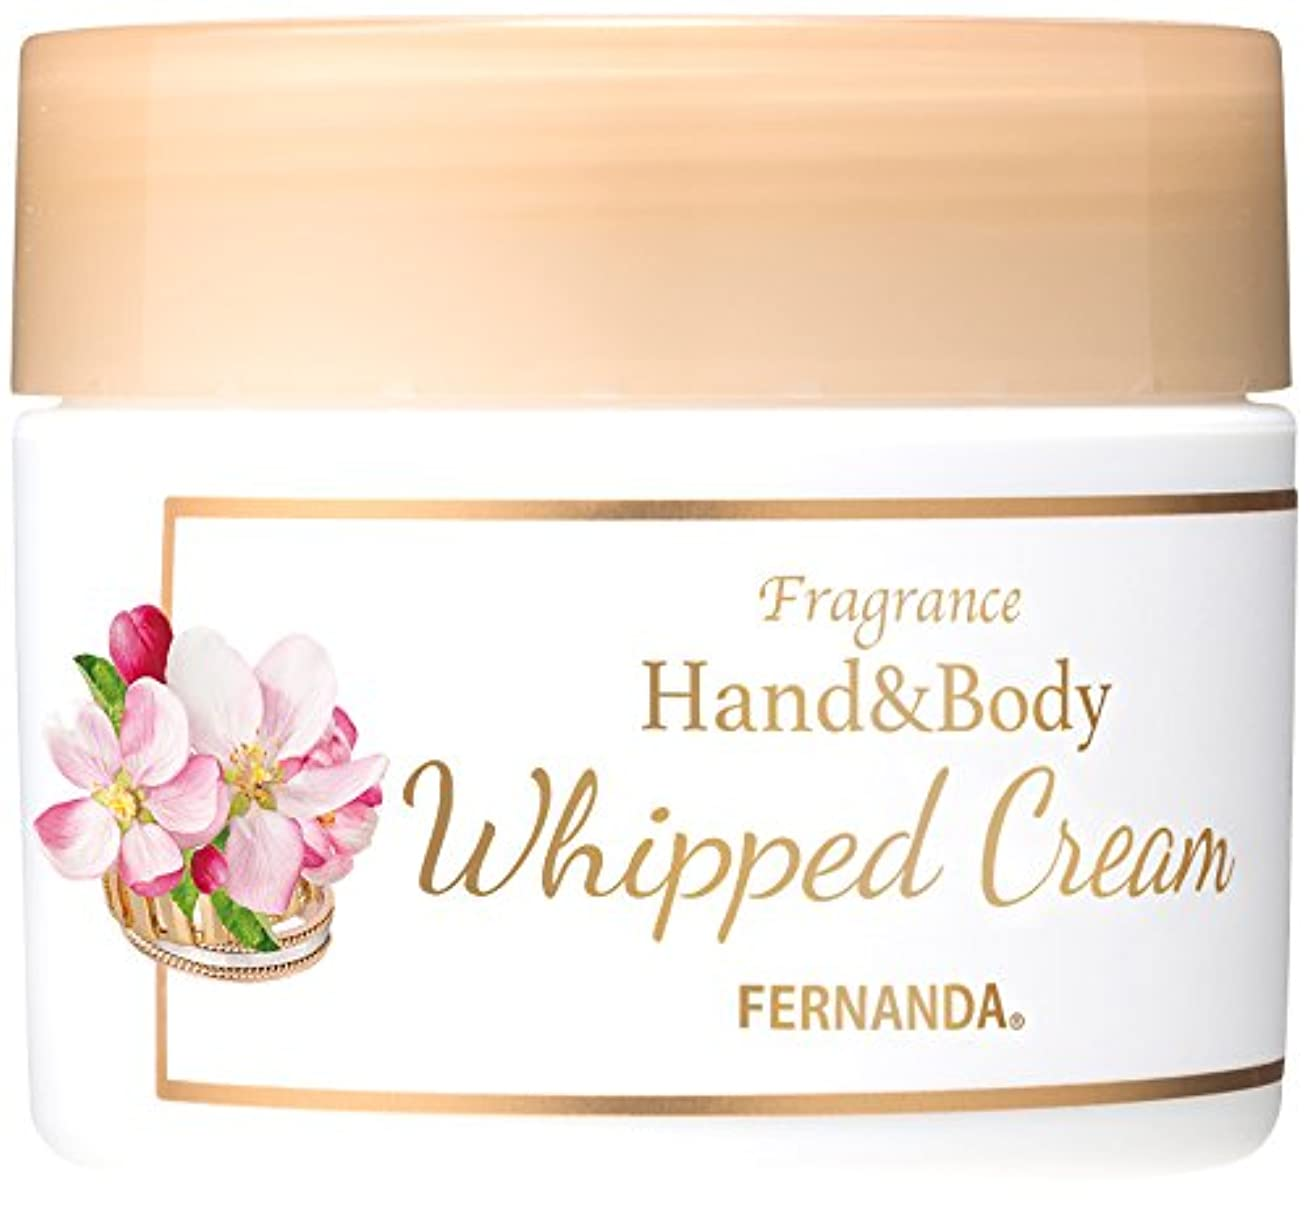 独立して容赦ない適用するFERNANDA(フェルナンダ) Hand&Body Whipped Cream Primeiro Amor (ハンド&ホイップクリーム プリメイロアモール)